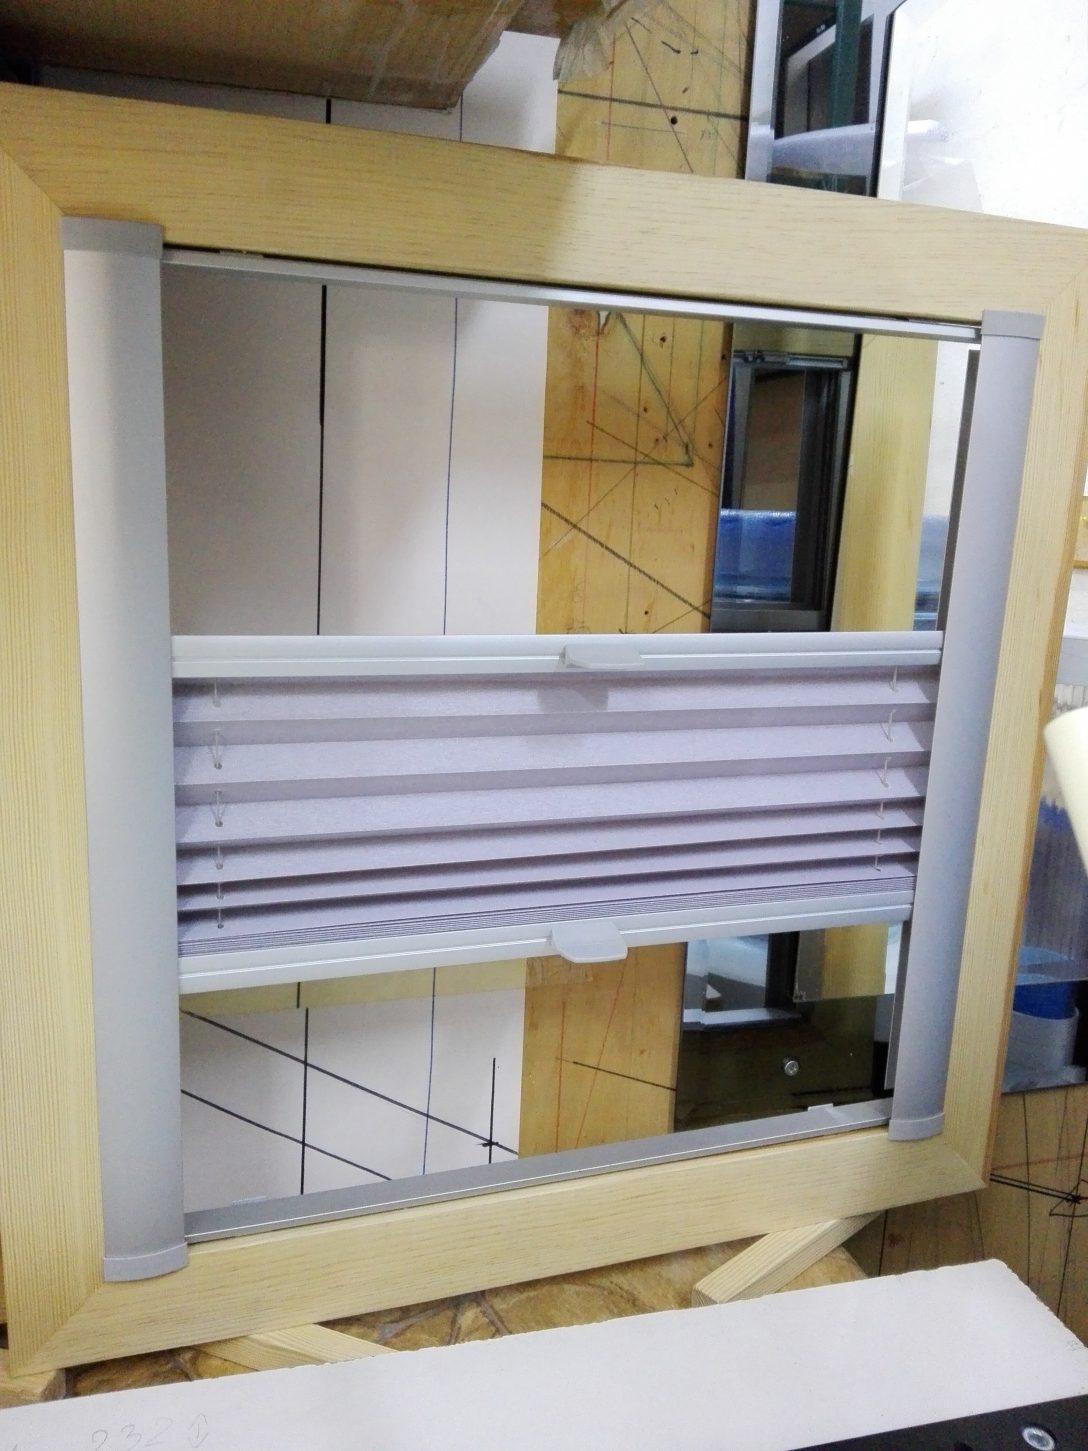 Large Size of Plissee Fensterrahmen Ins Fenster Klemmen Undicht Montage Richtig Ausmessen Austauschen Einbauen Tauschen Schüco Online Bodentief Braun Insektenschutz Ohne Fenster Plissee Fenster